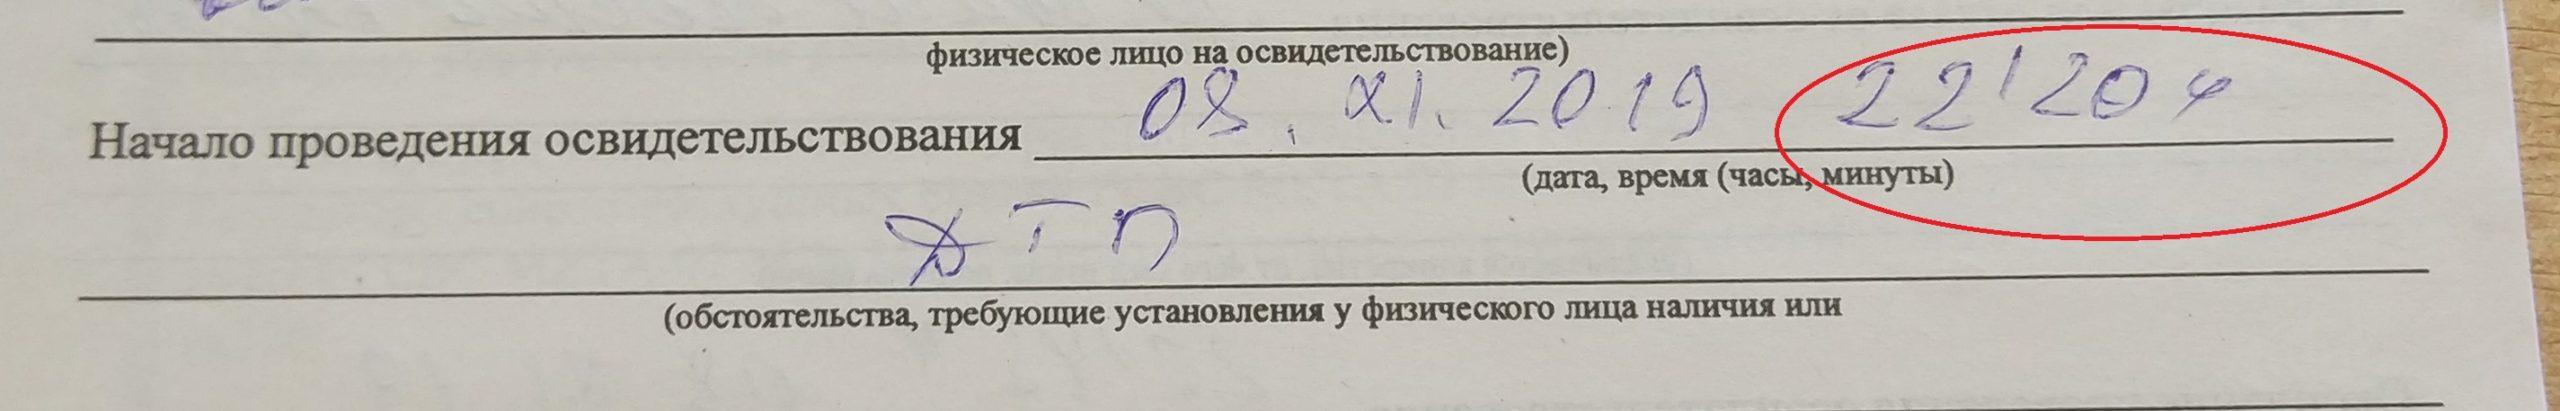 акт освидетельствования по ч.3 ст.18.16 КоАП